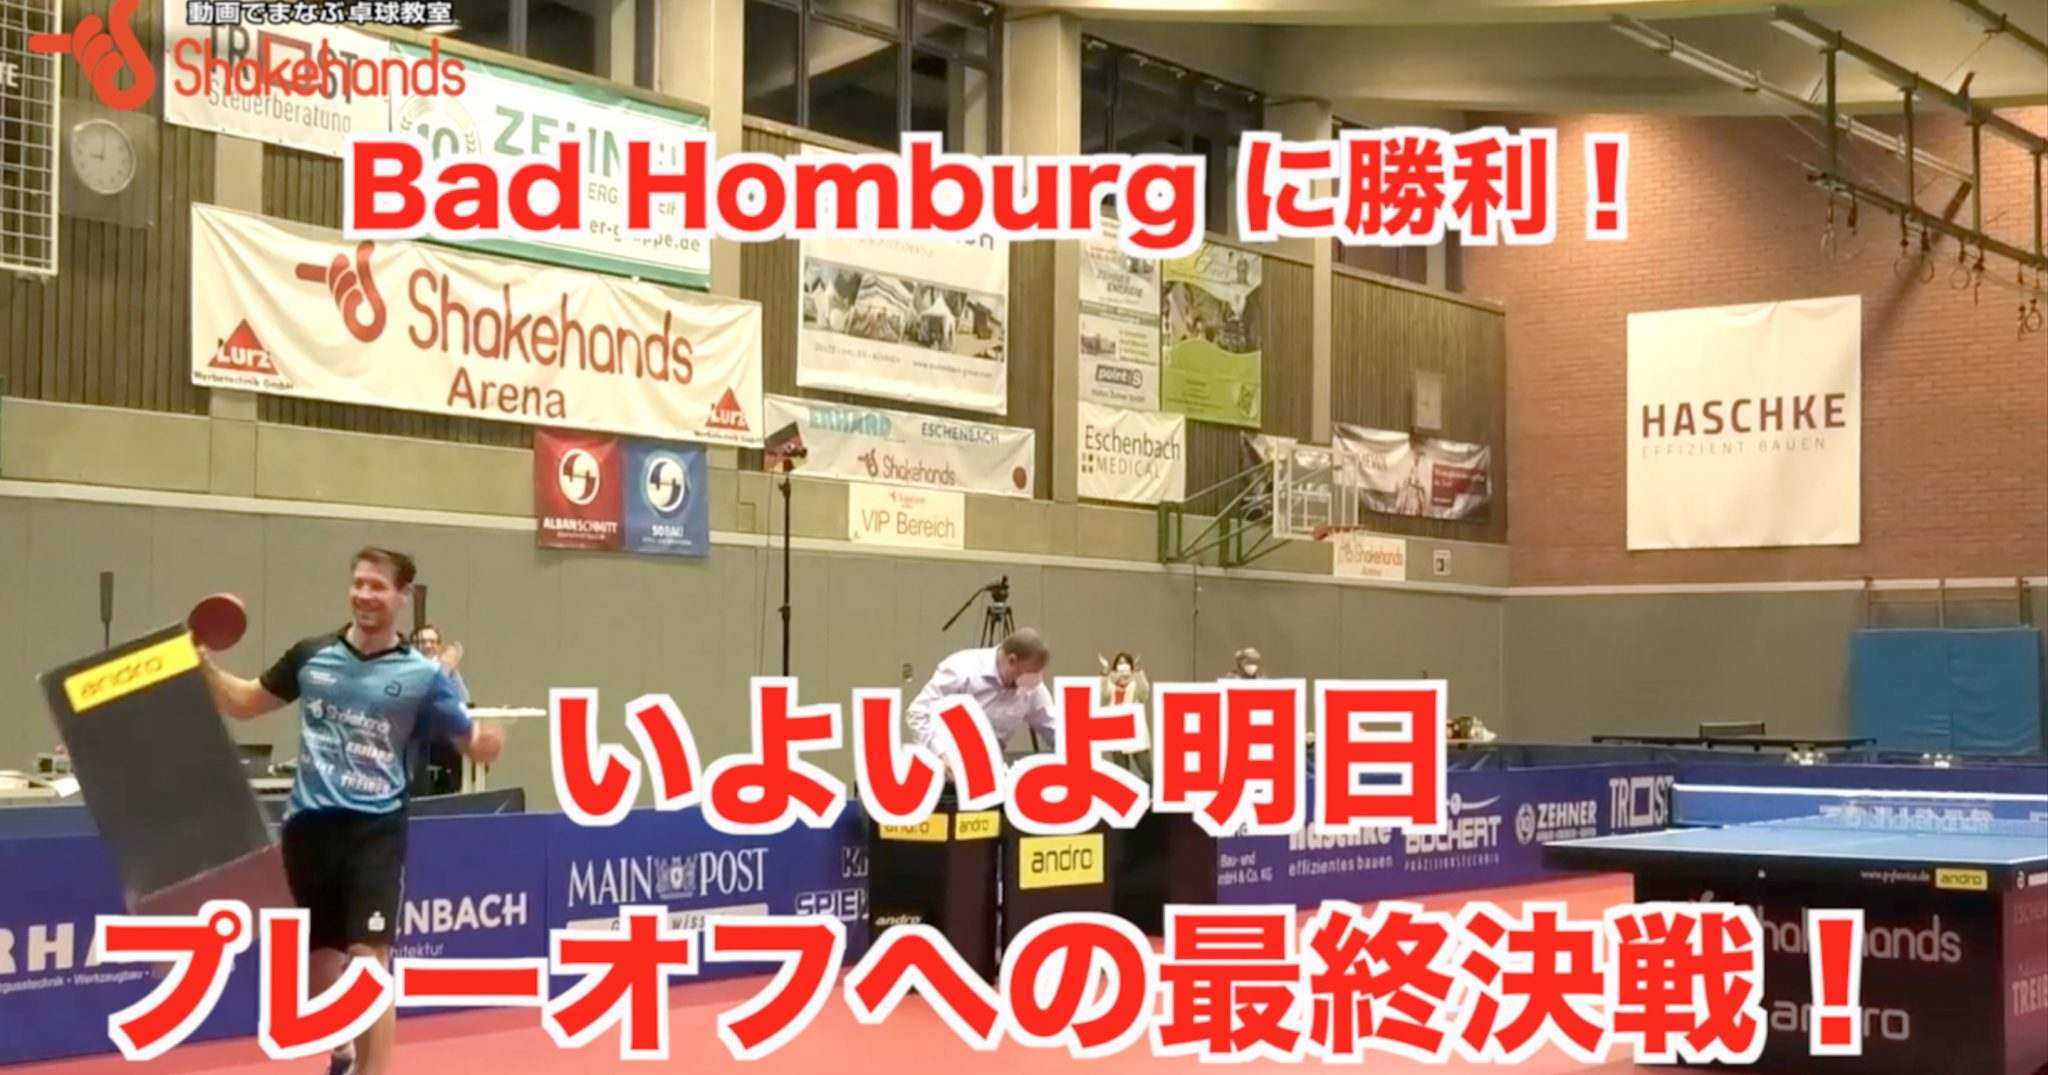 【ブンデスリーグ第20節・速報】Bad Homburg に勝利!いよいよ明日プレーオフ進出への最終決戦!